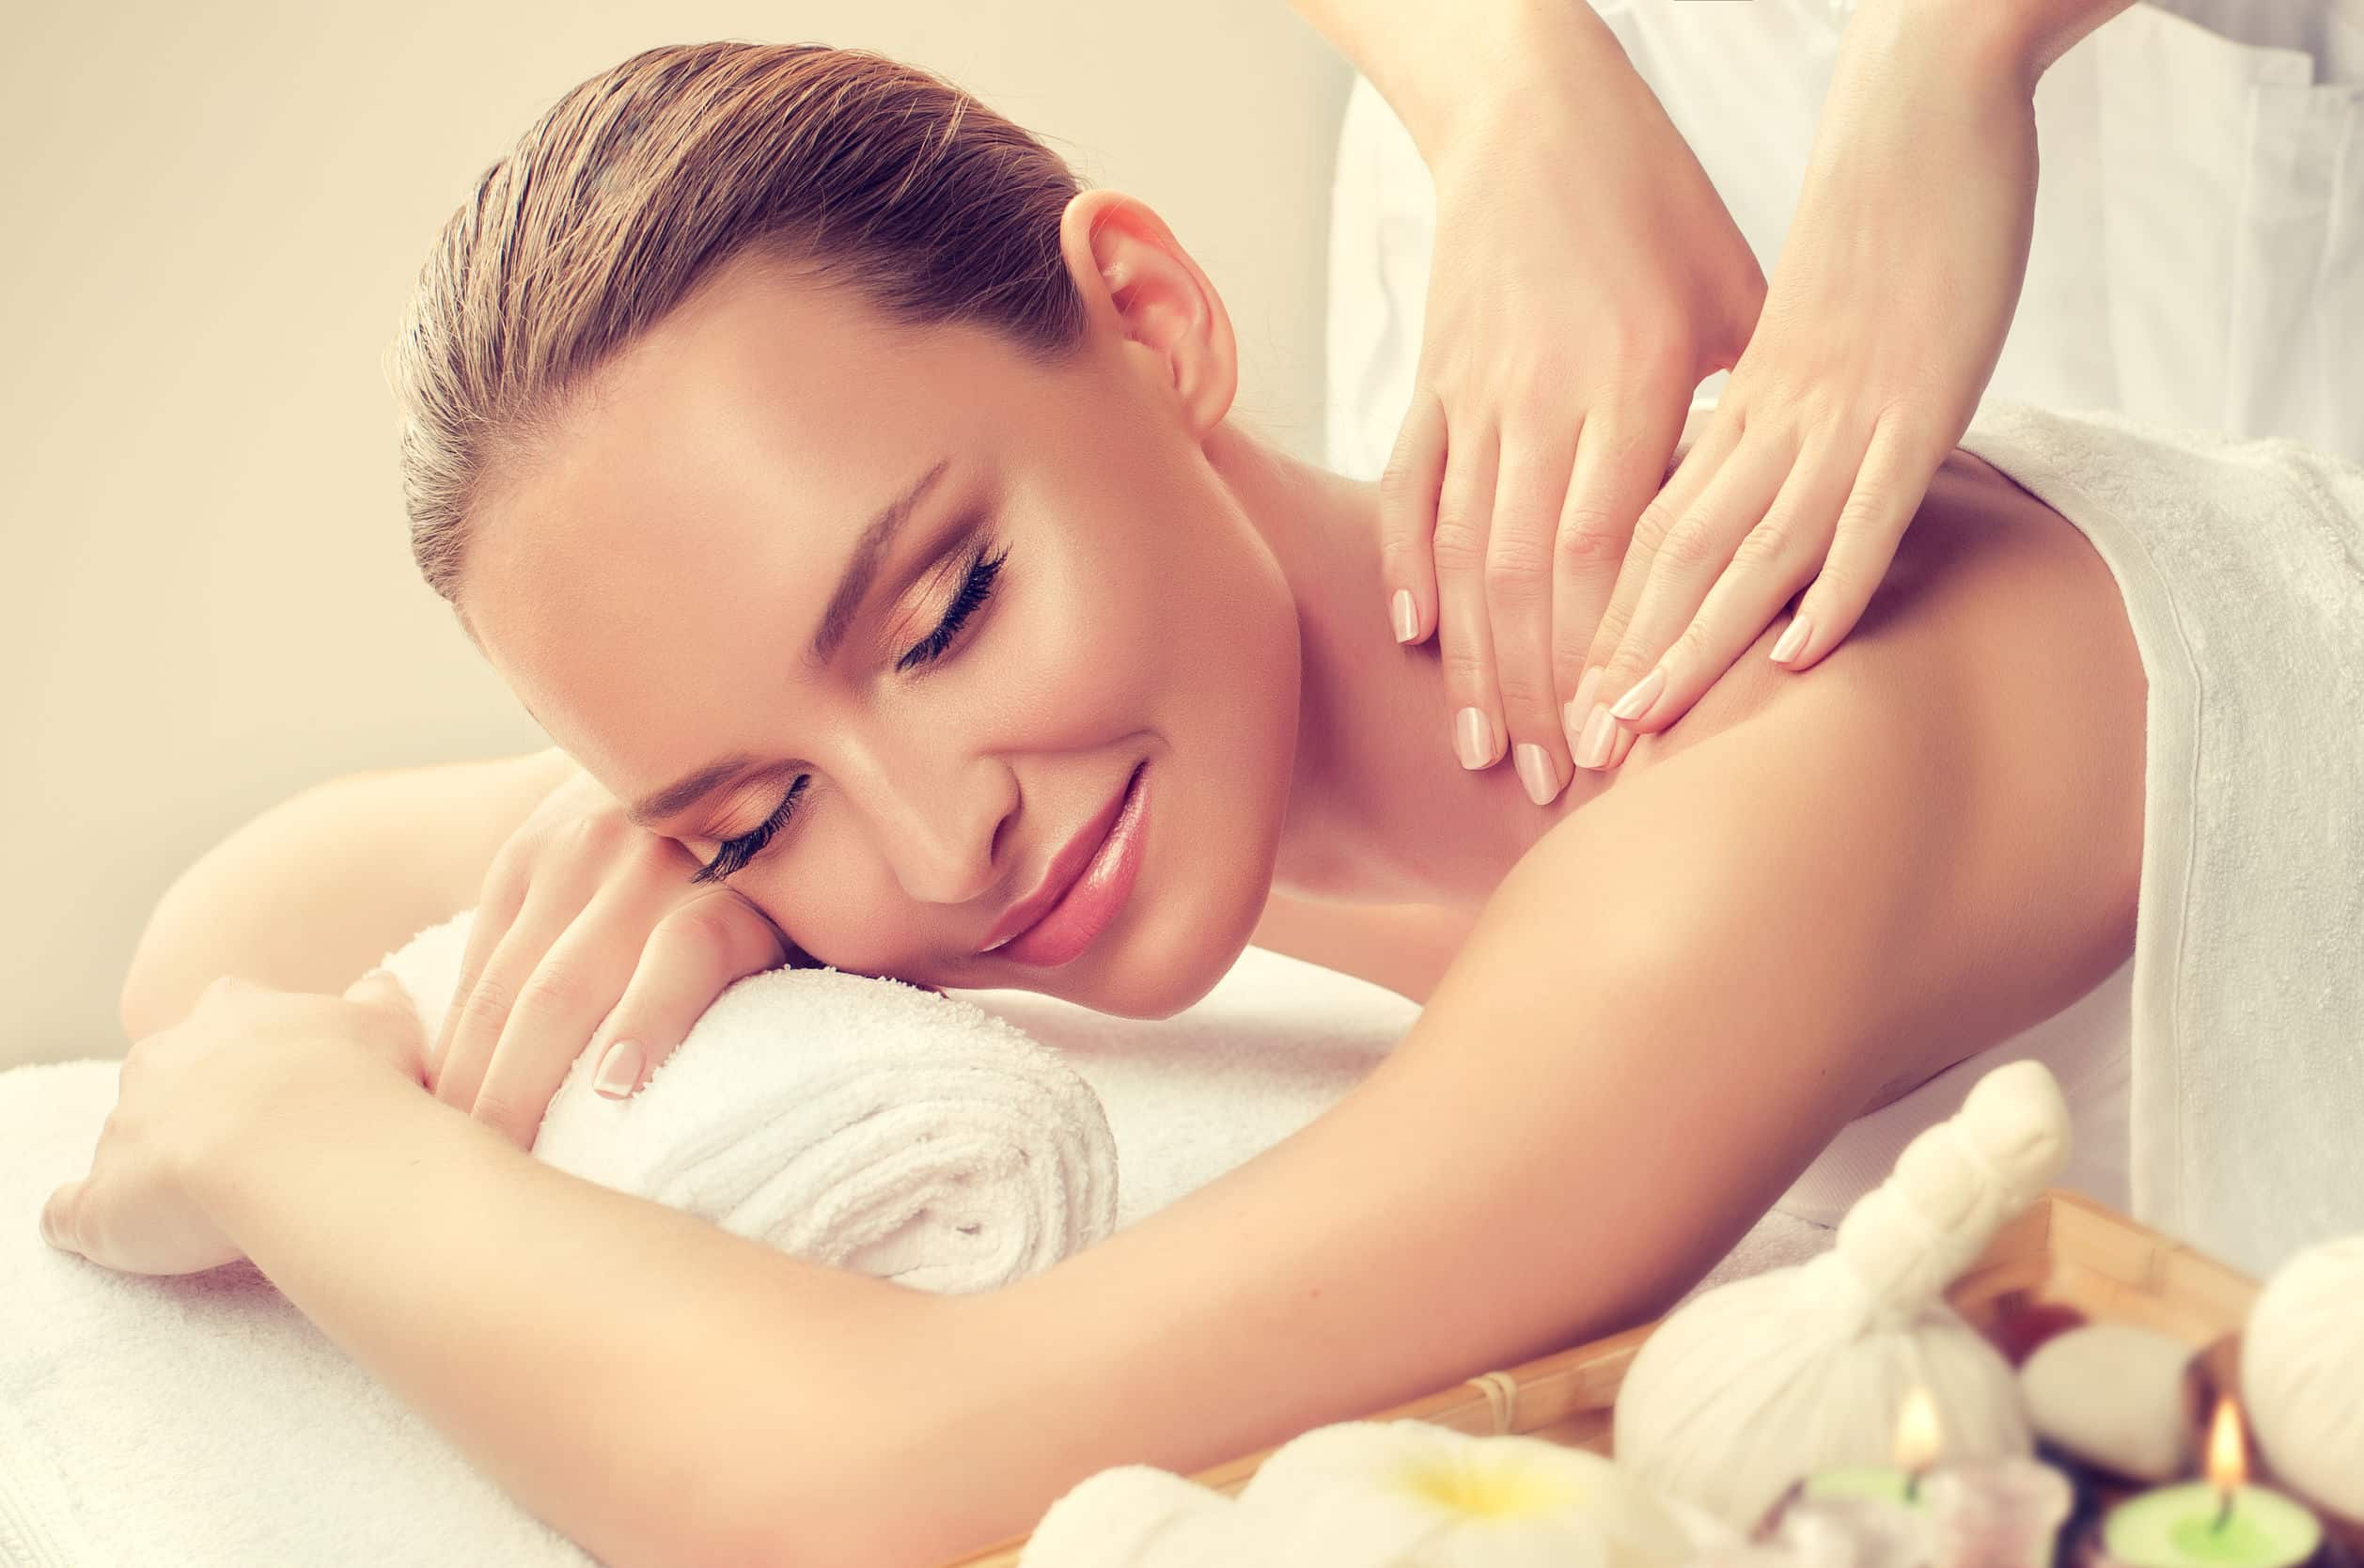 Rolfing massage